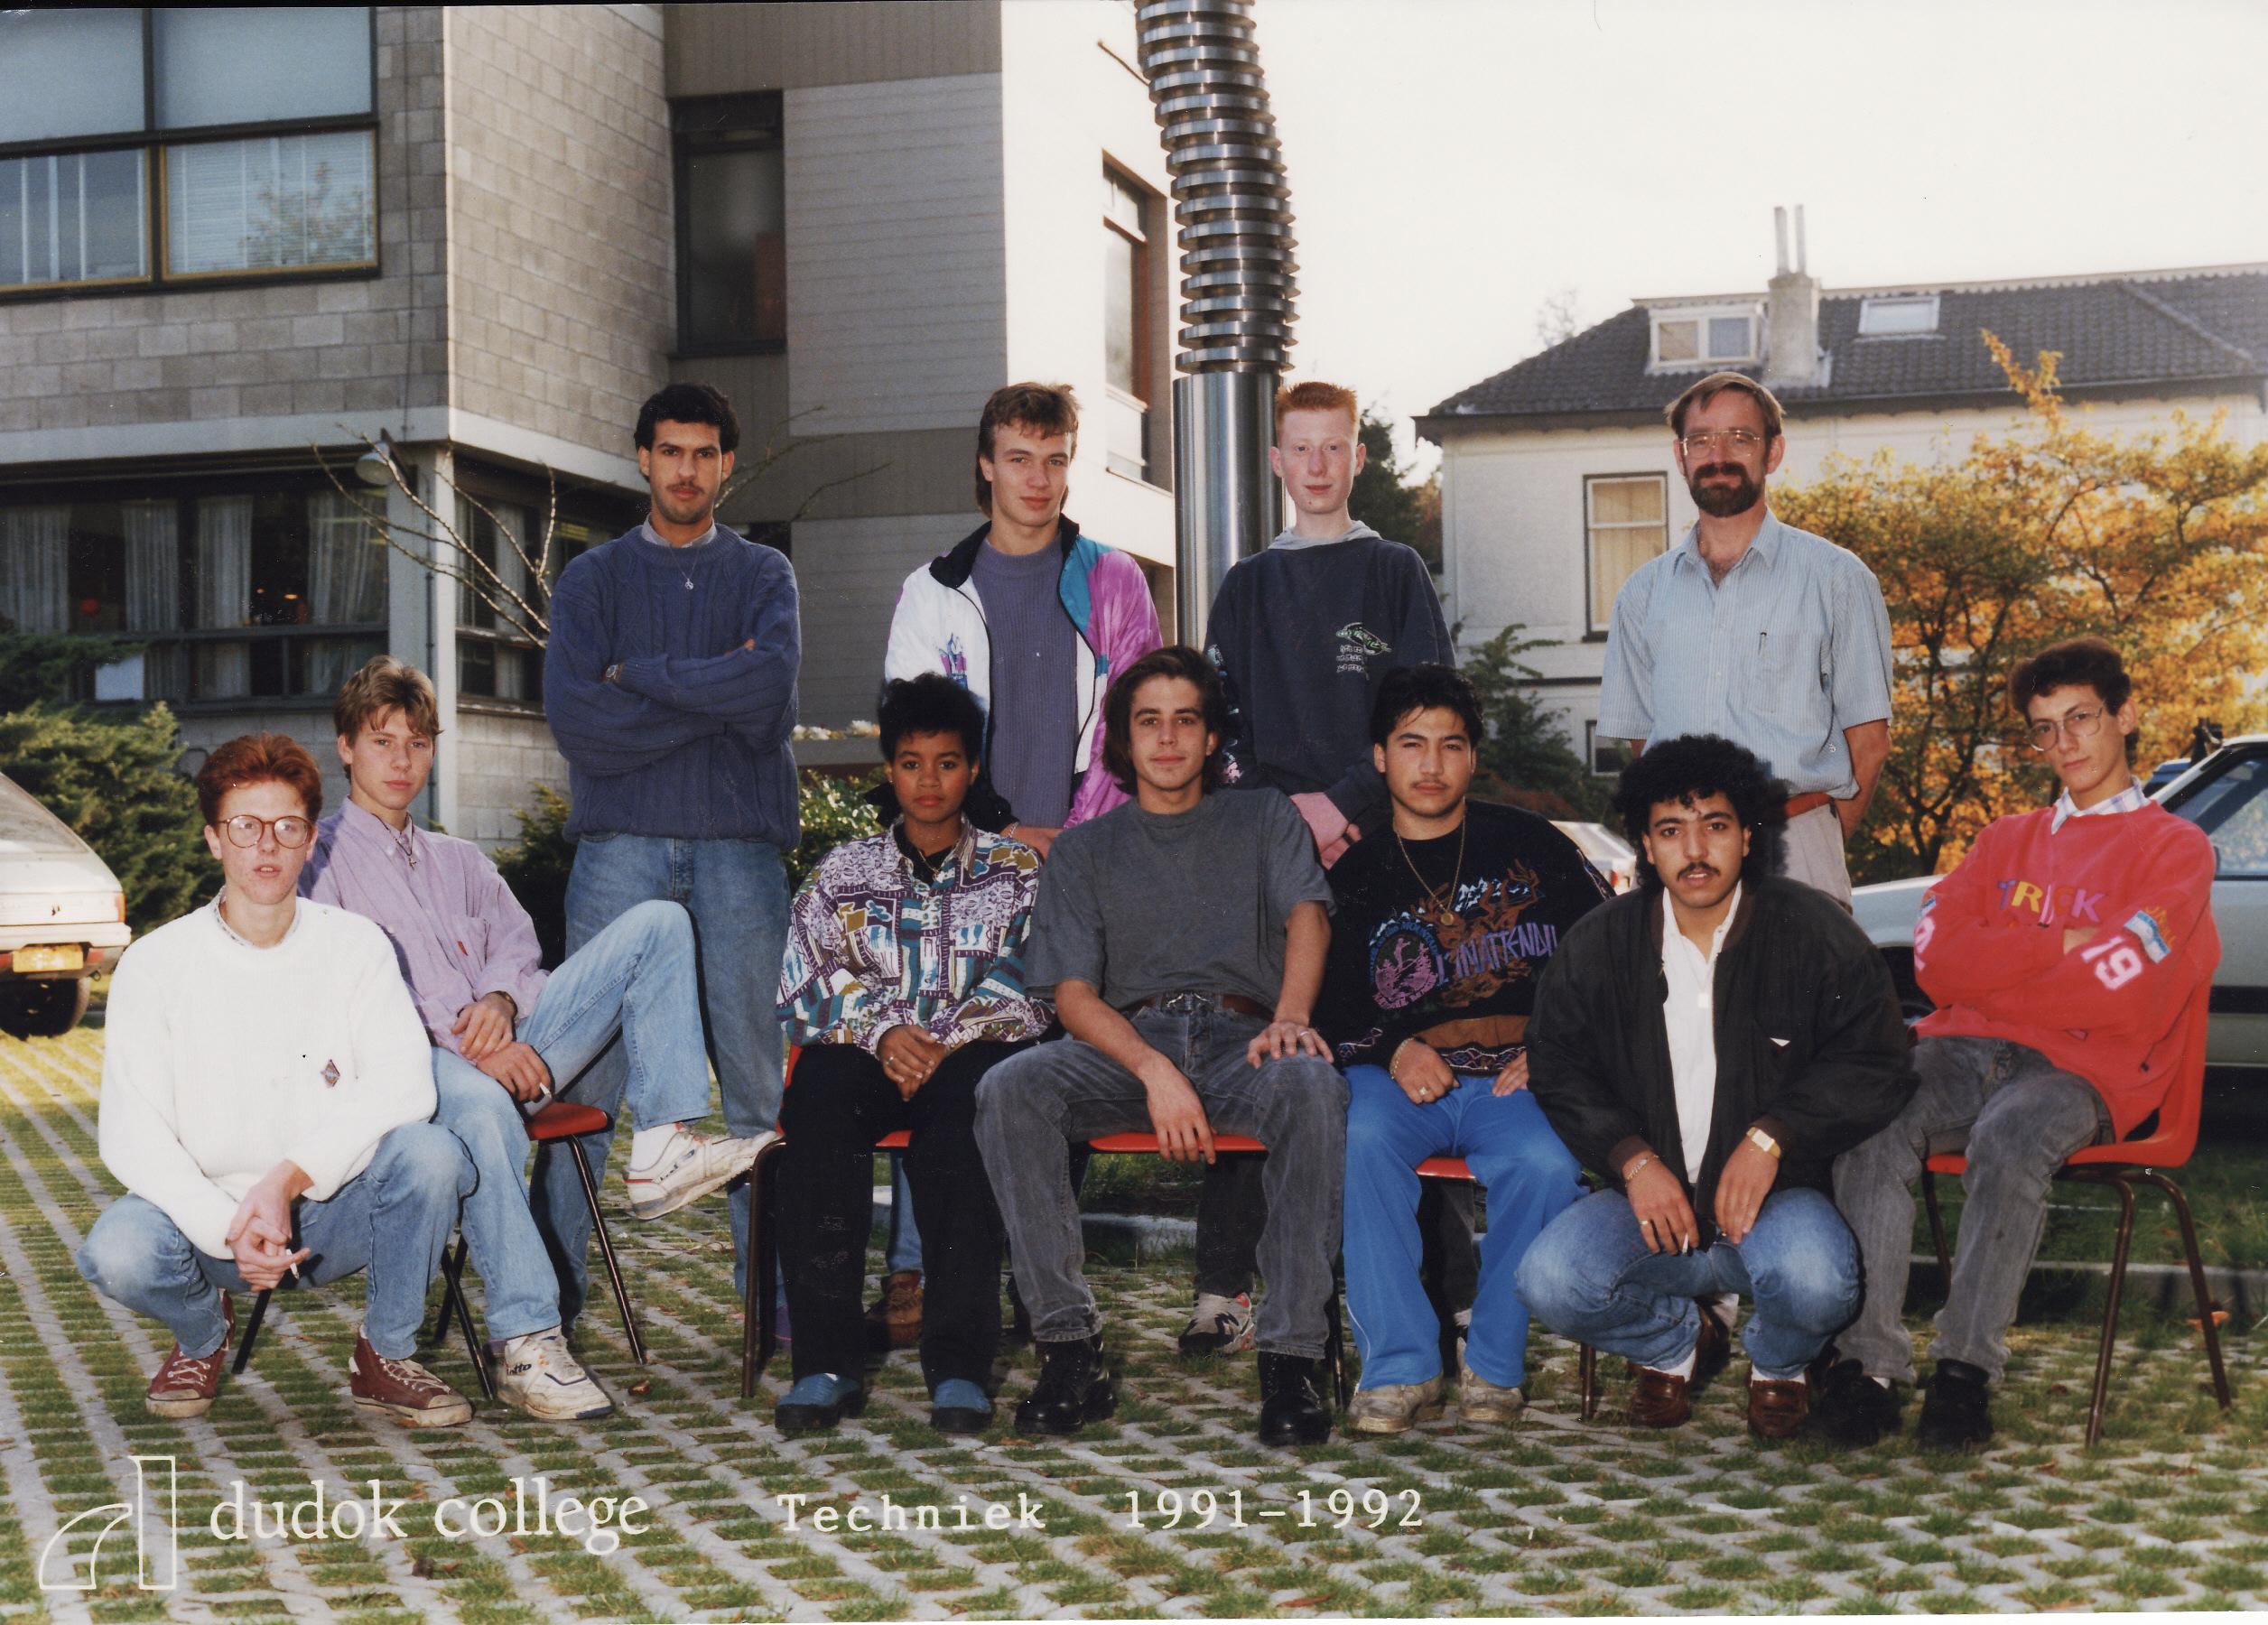 Dudok College foto